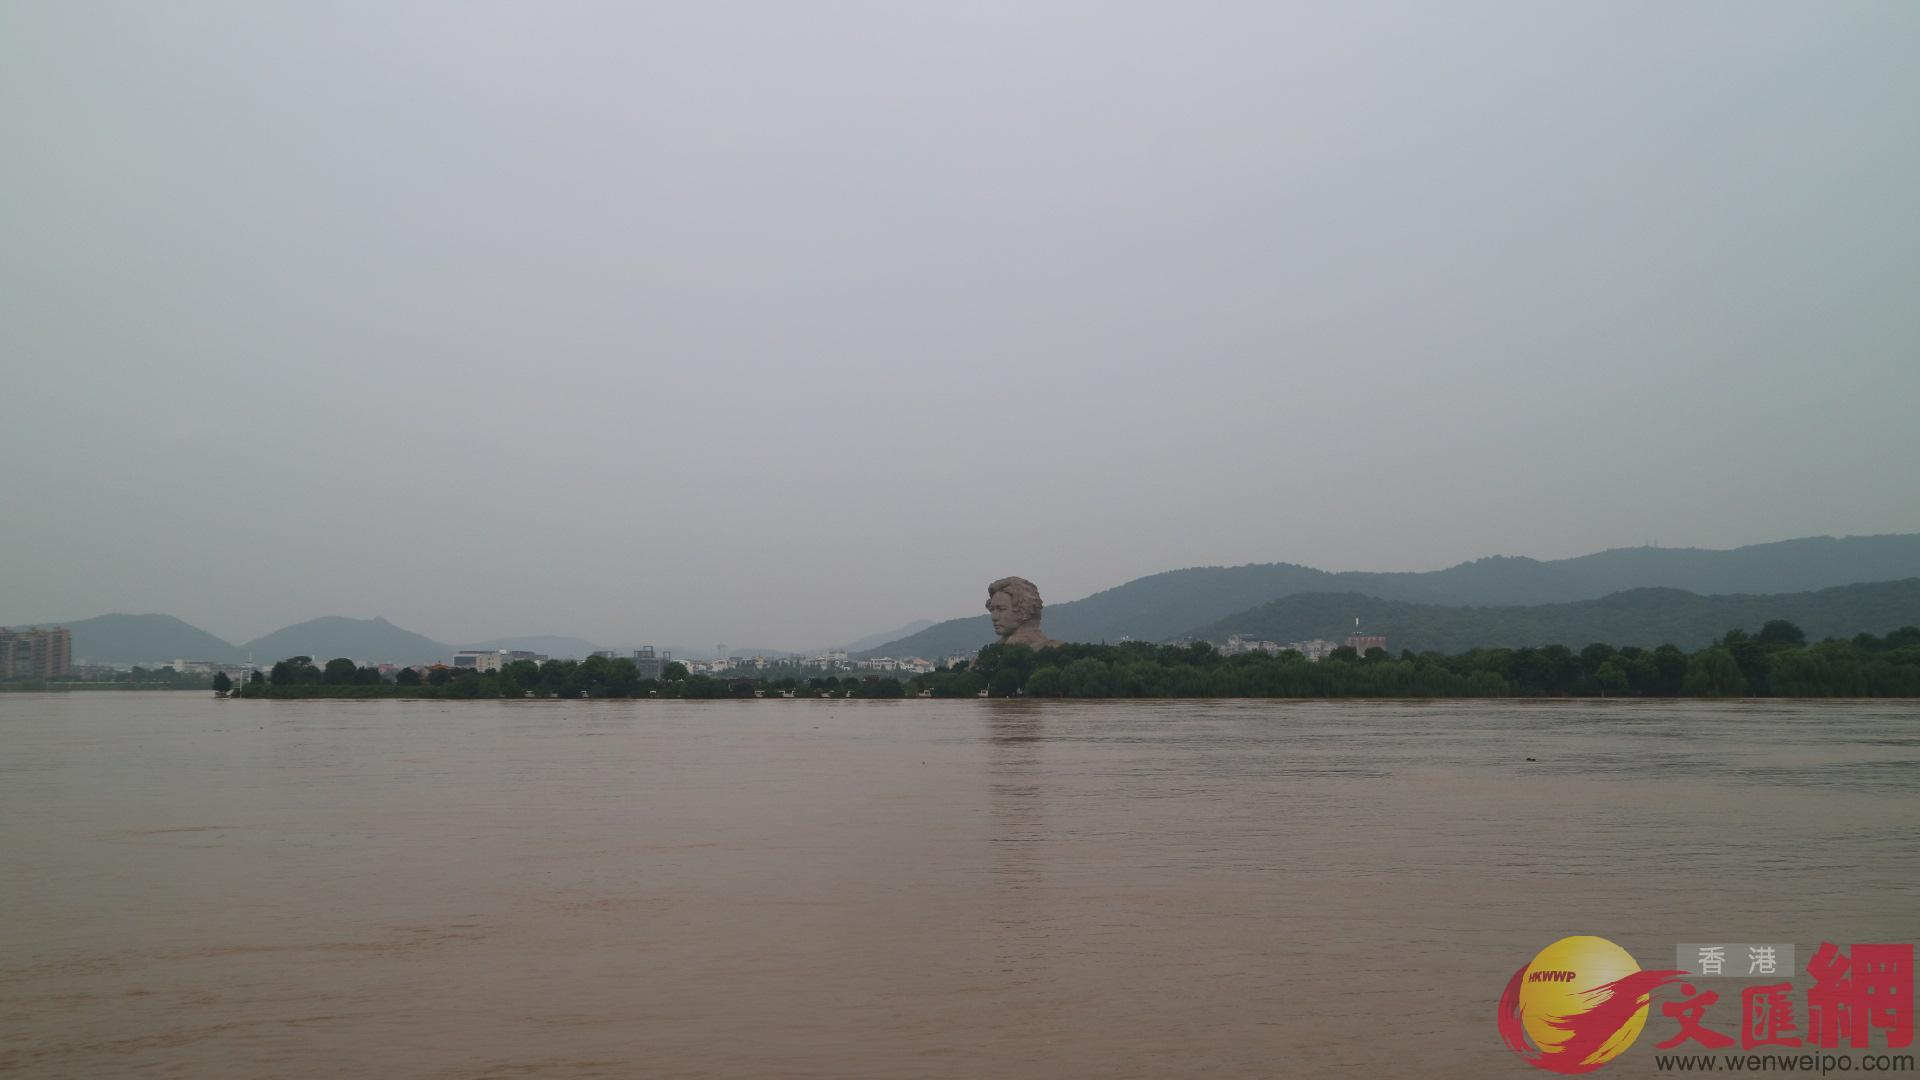 湘江江心的橘子洲環繞景區的親水步道和橘子洲頭的觀景平台已完全被水漫過。(湖南 姚進 攝)